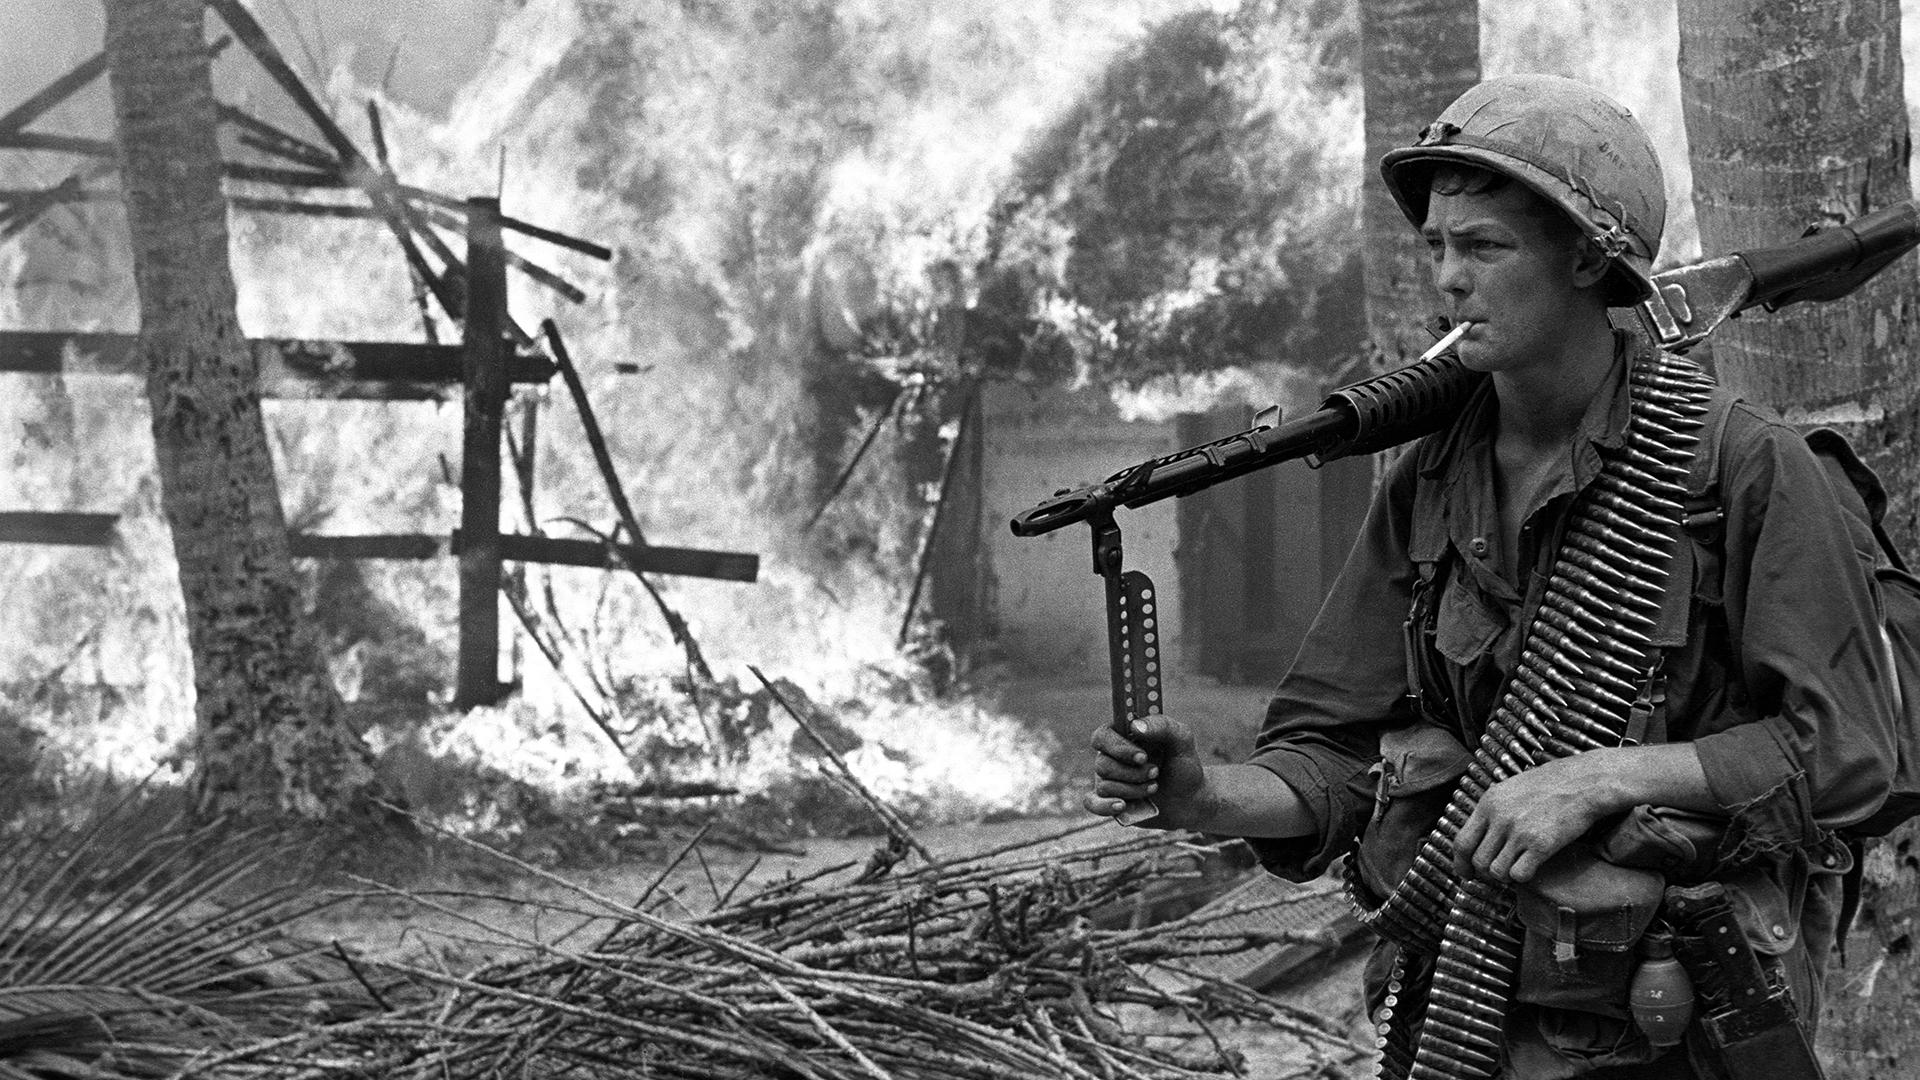 Assassination Classroom Fall Wallpaper Episodes The Vietnam War New